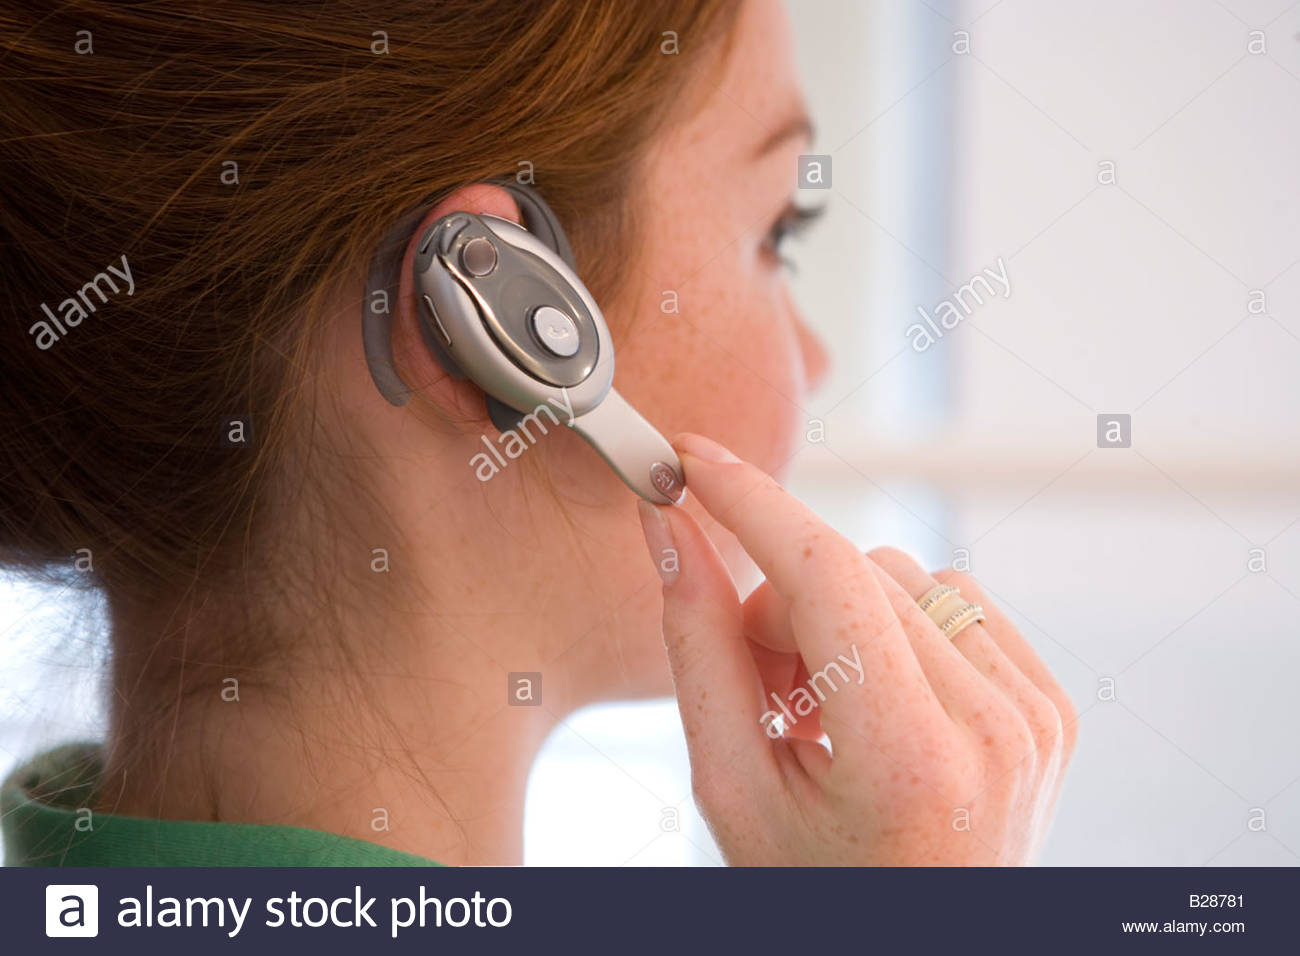 Mujer con dispositivo manos libres, vista lateral Imagen De Stock